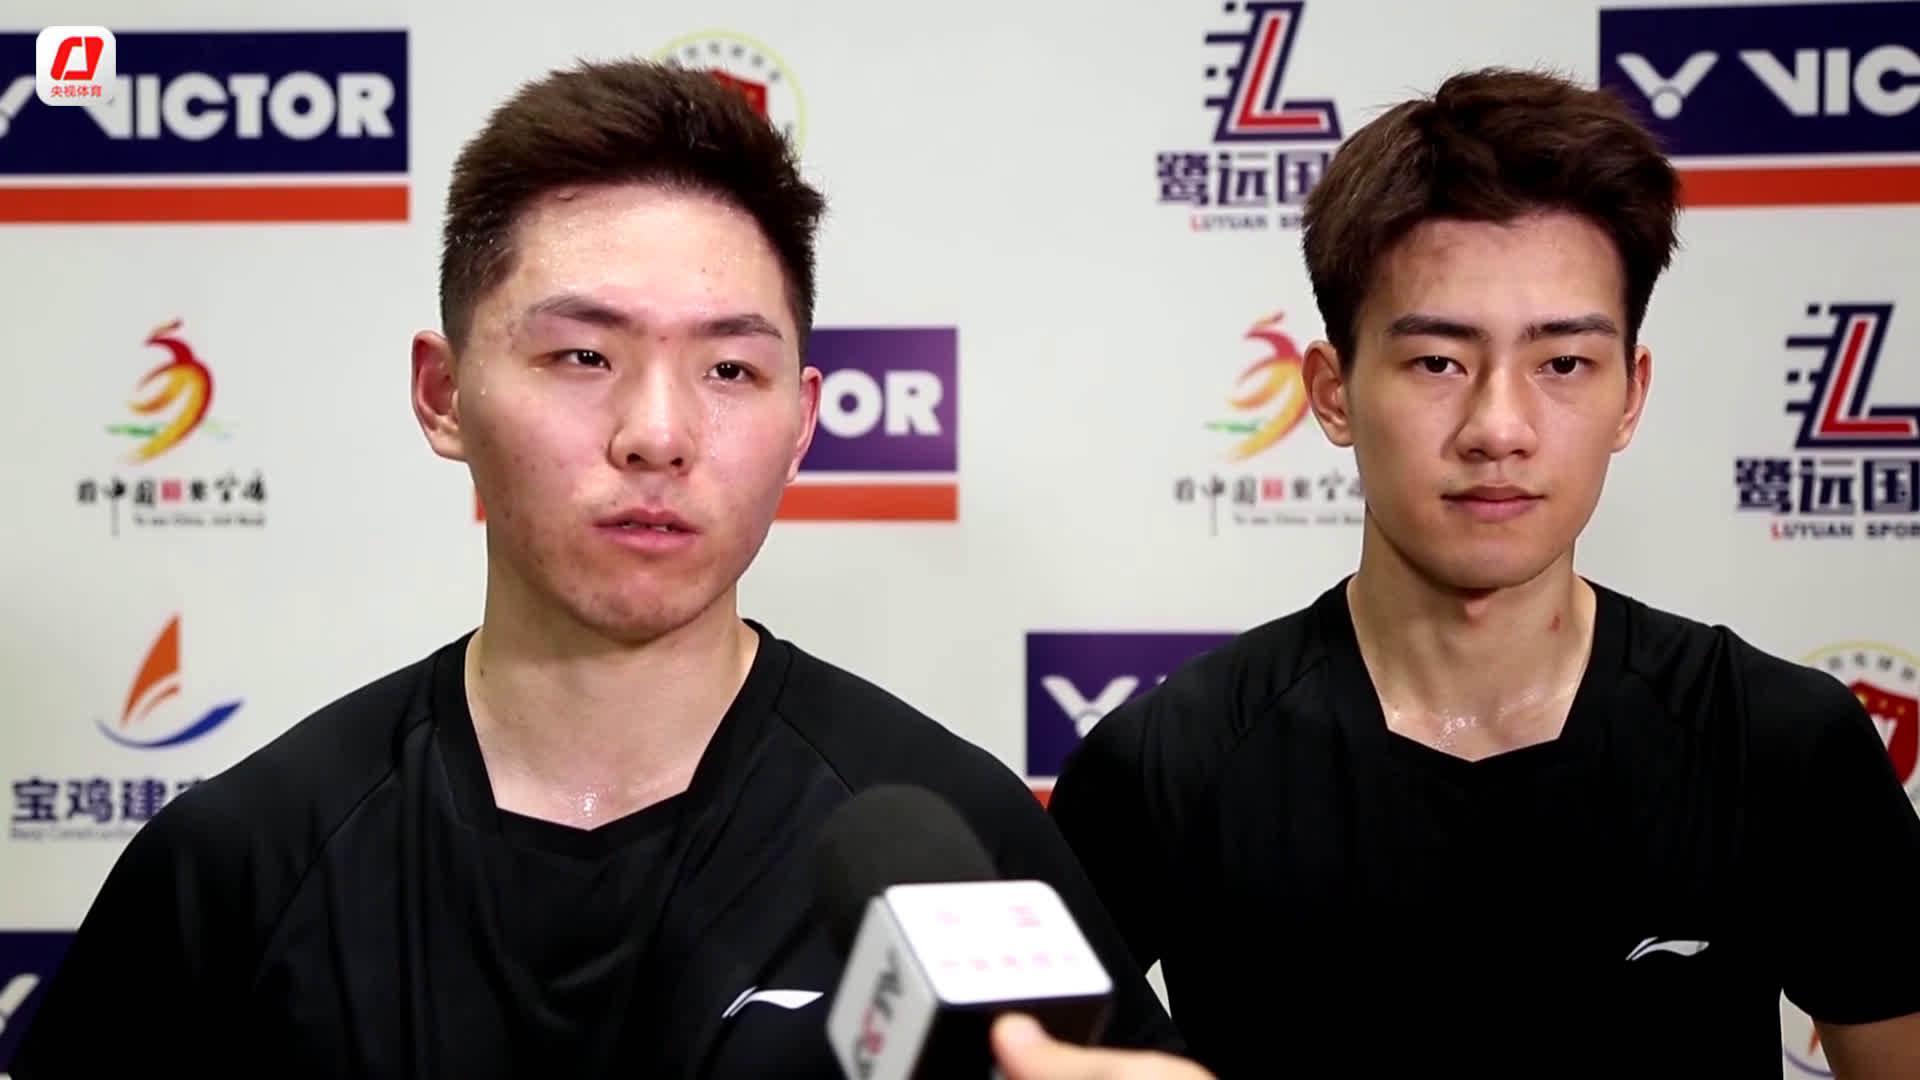 全国羽毛球锦标赛:福建横扫赢球 浙江一队险胜